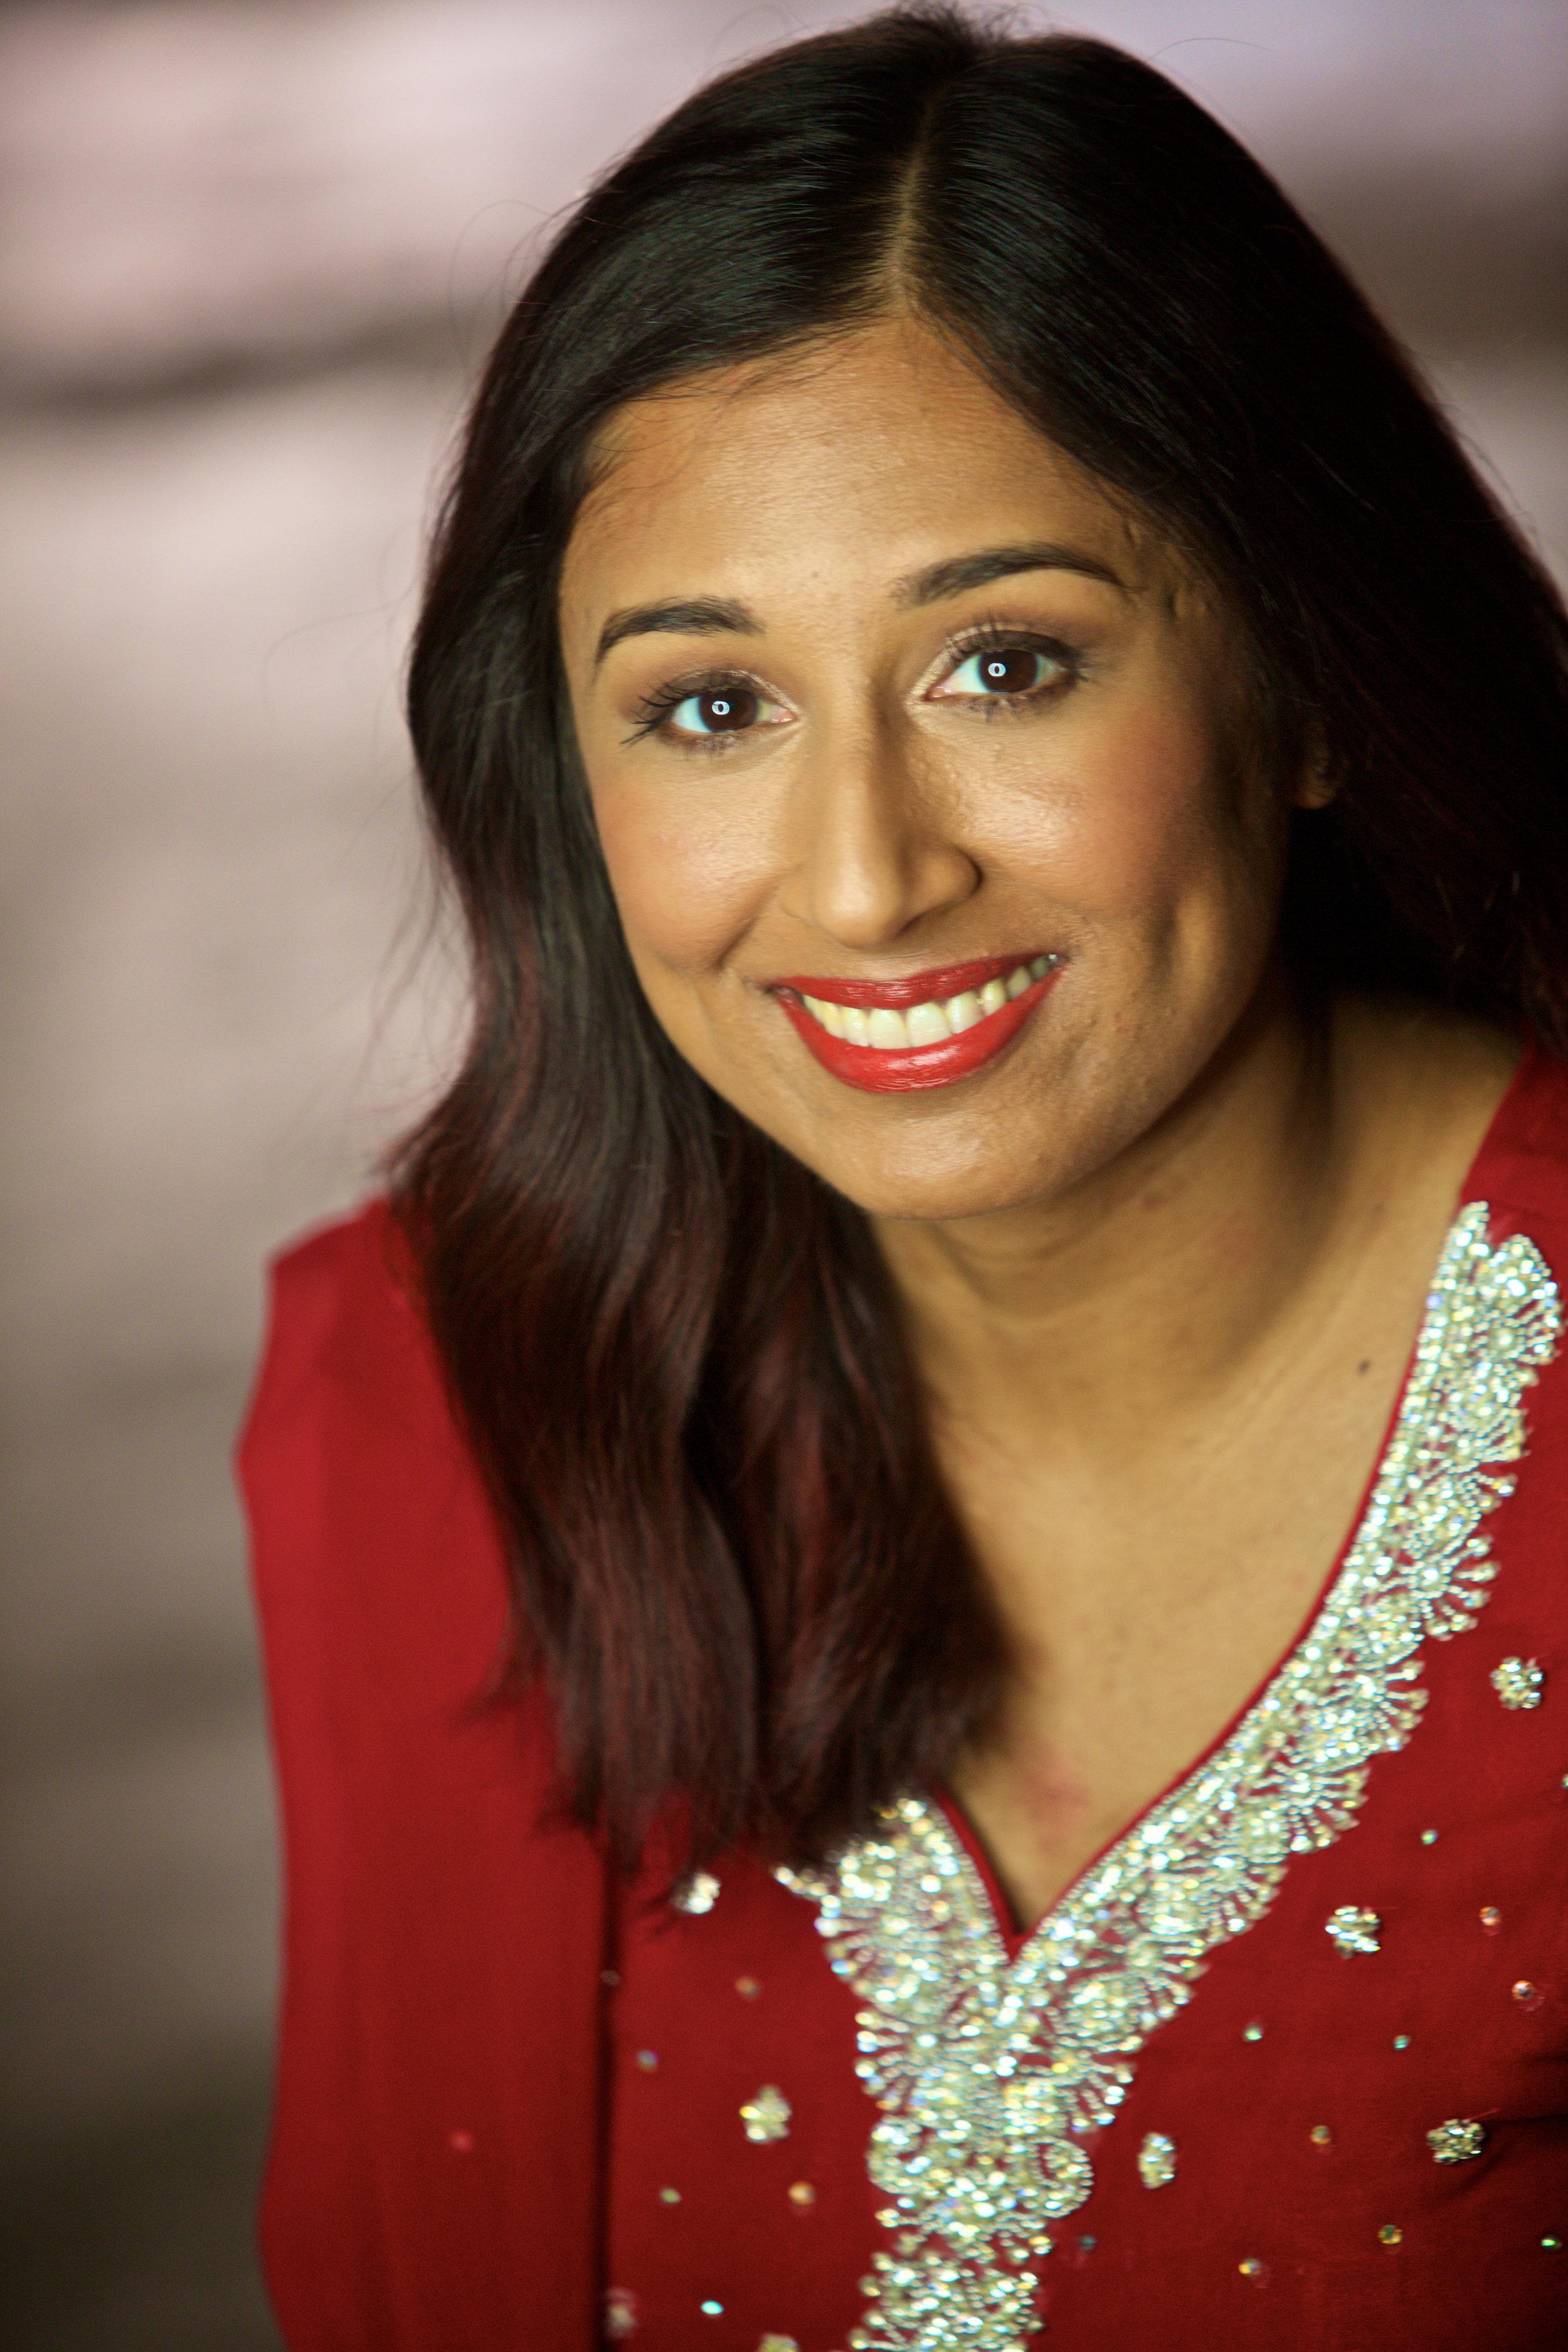 pakistani smile 2.jpg